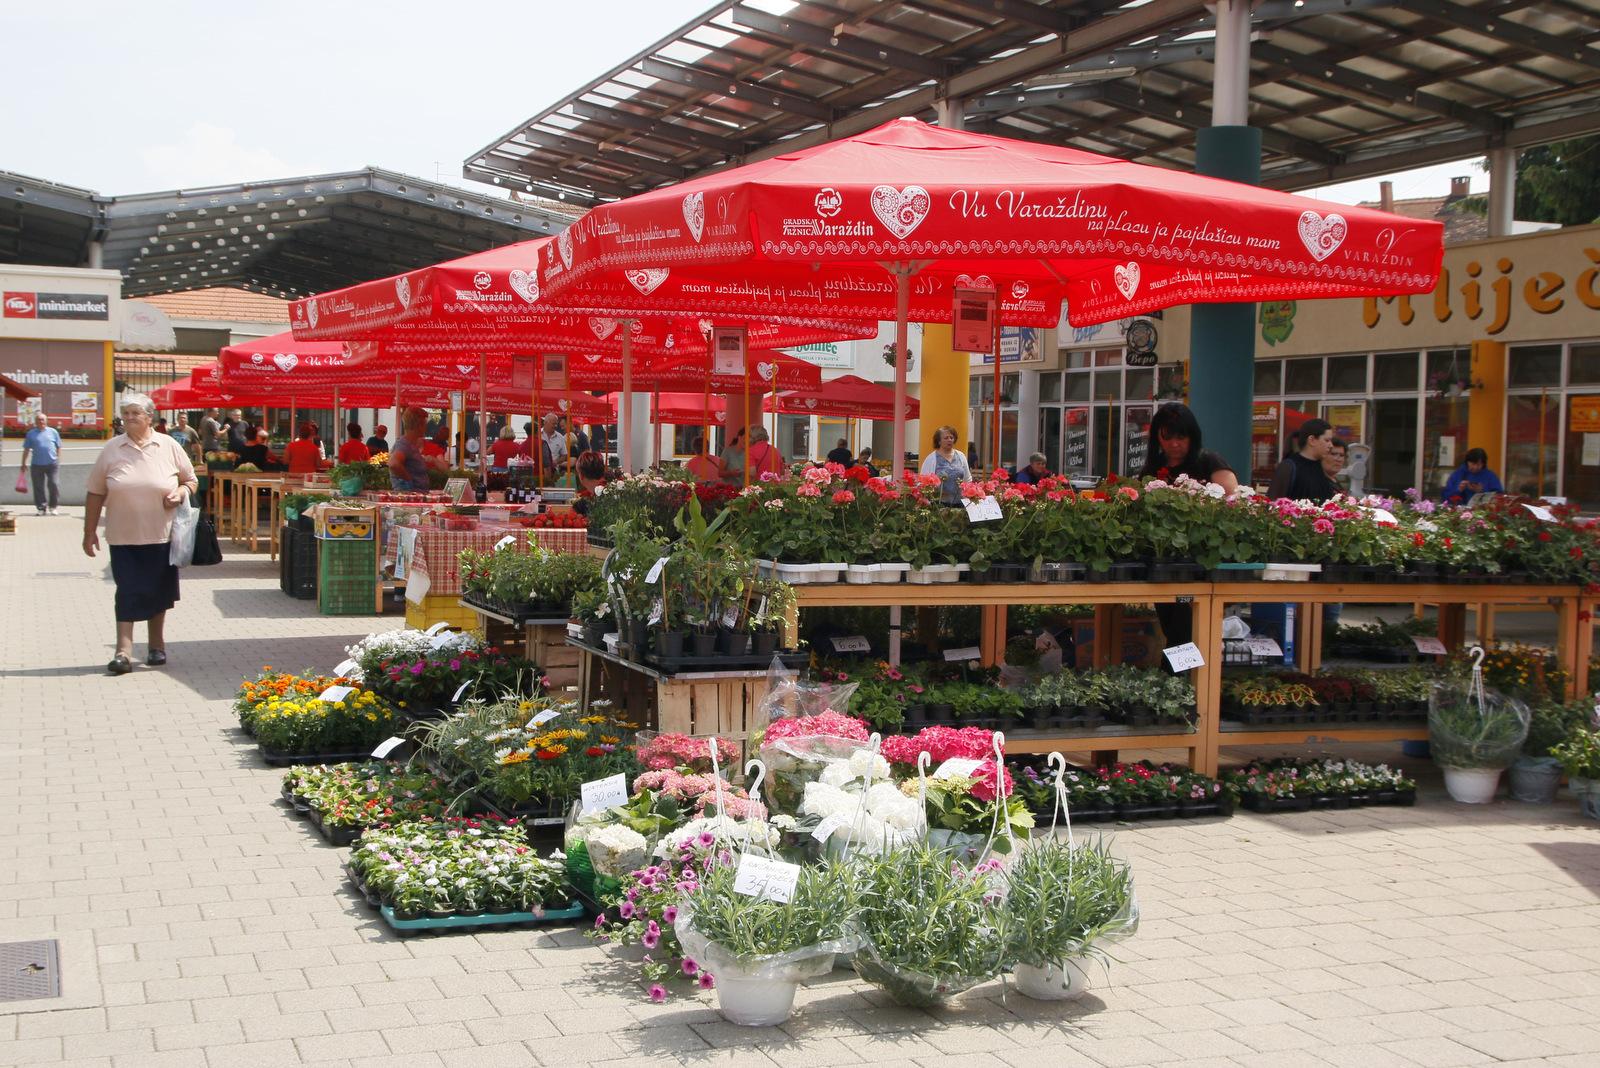 Varaždinska tržnica